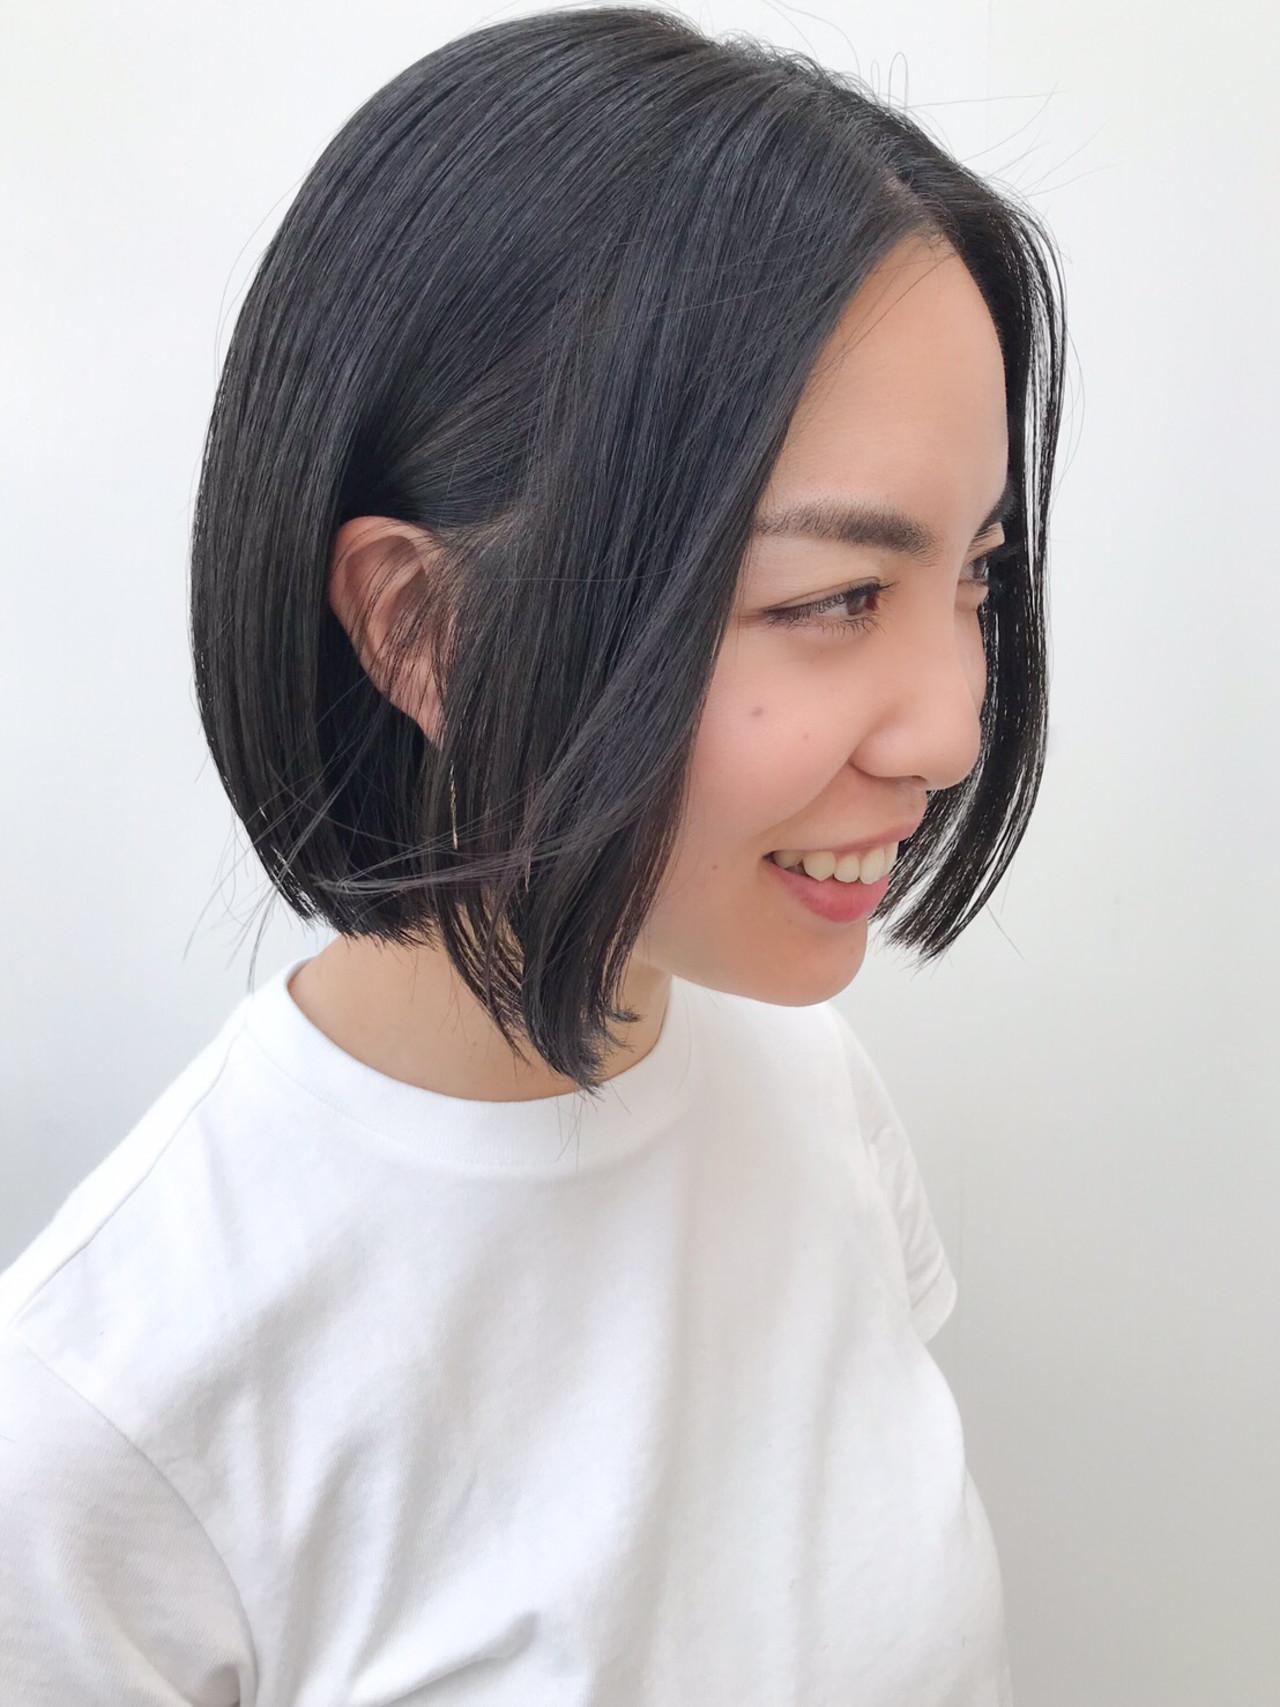 デート 切りっぱなしボブ 横顔美人 コンサバ ヘアスタイルや髪型の写真・画像